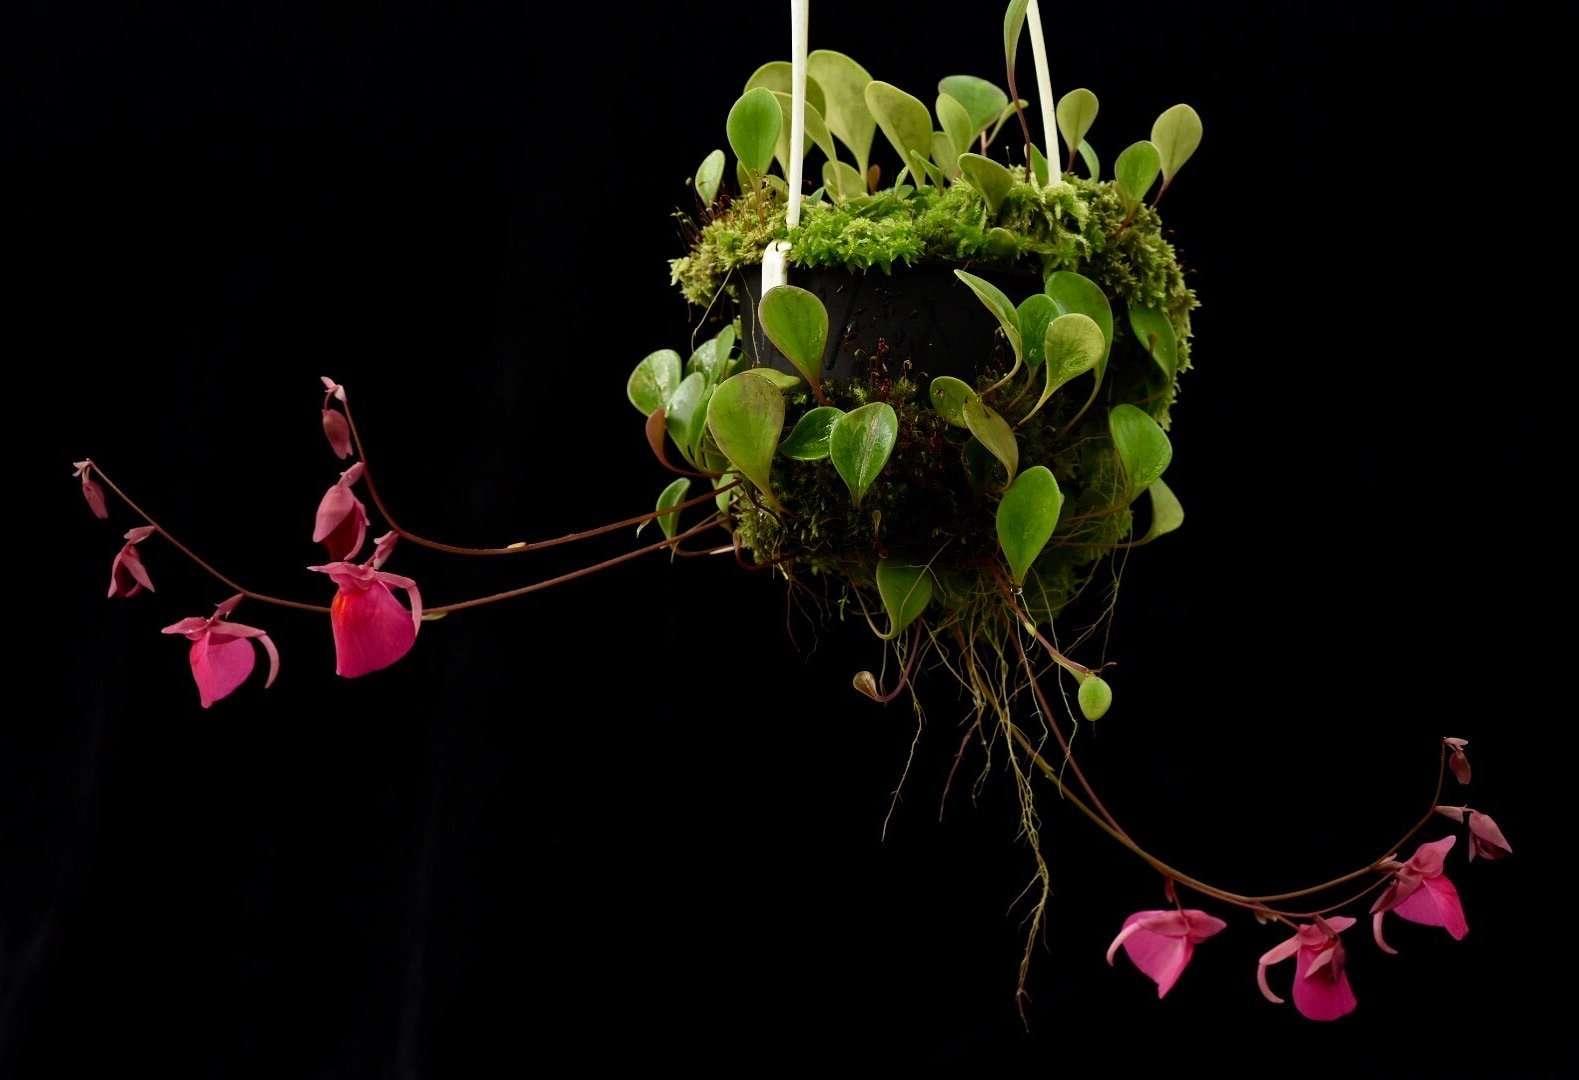 Utricularia quelchii Geoff Wong Clone